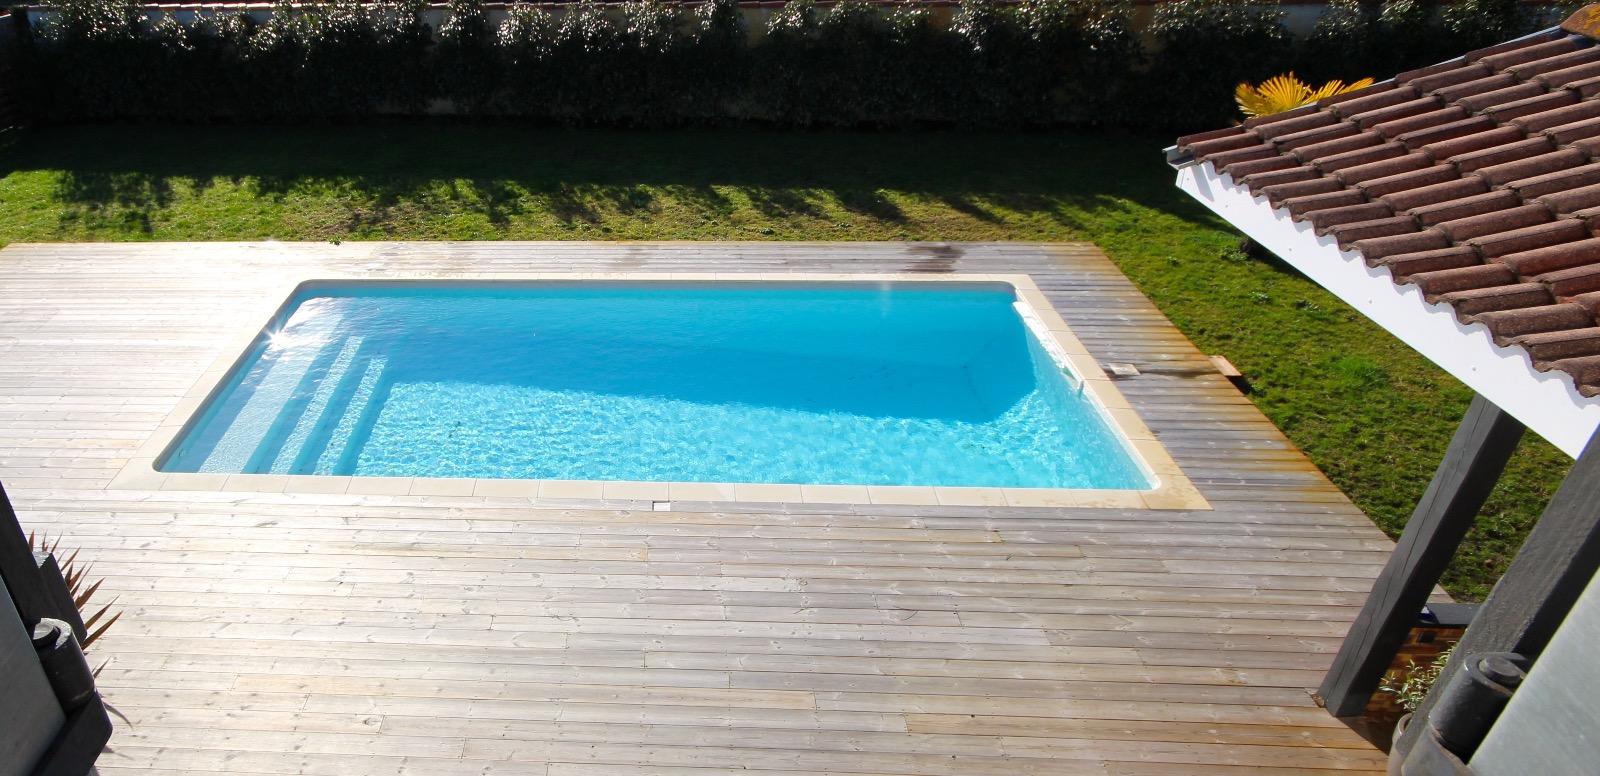 Vente maison bord de mer la teste de buch 33260 161m for Cash piscine la teste